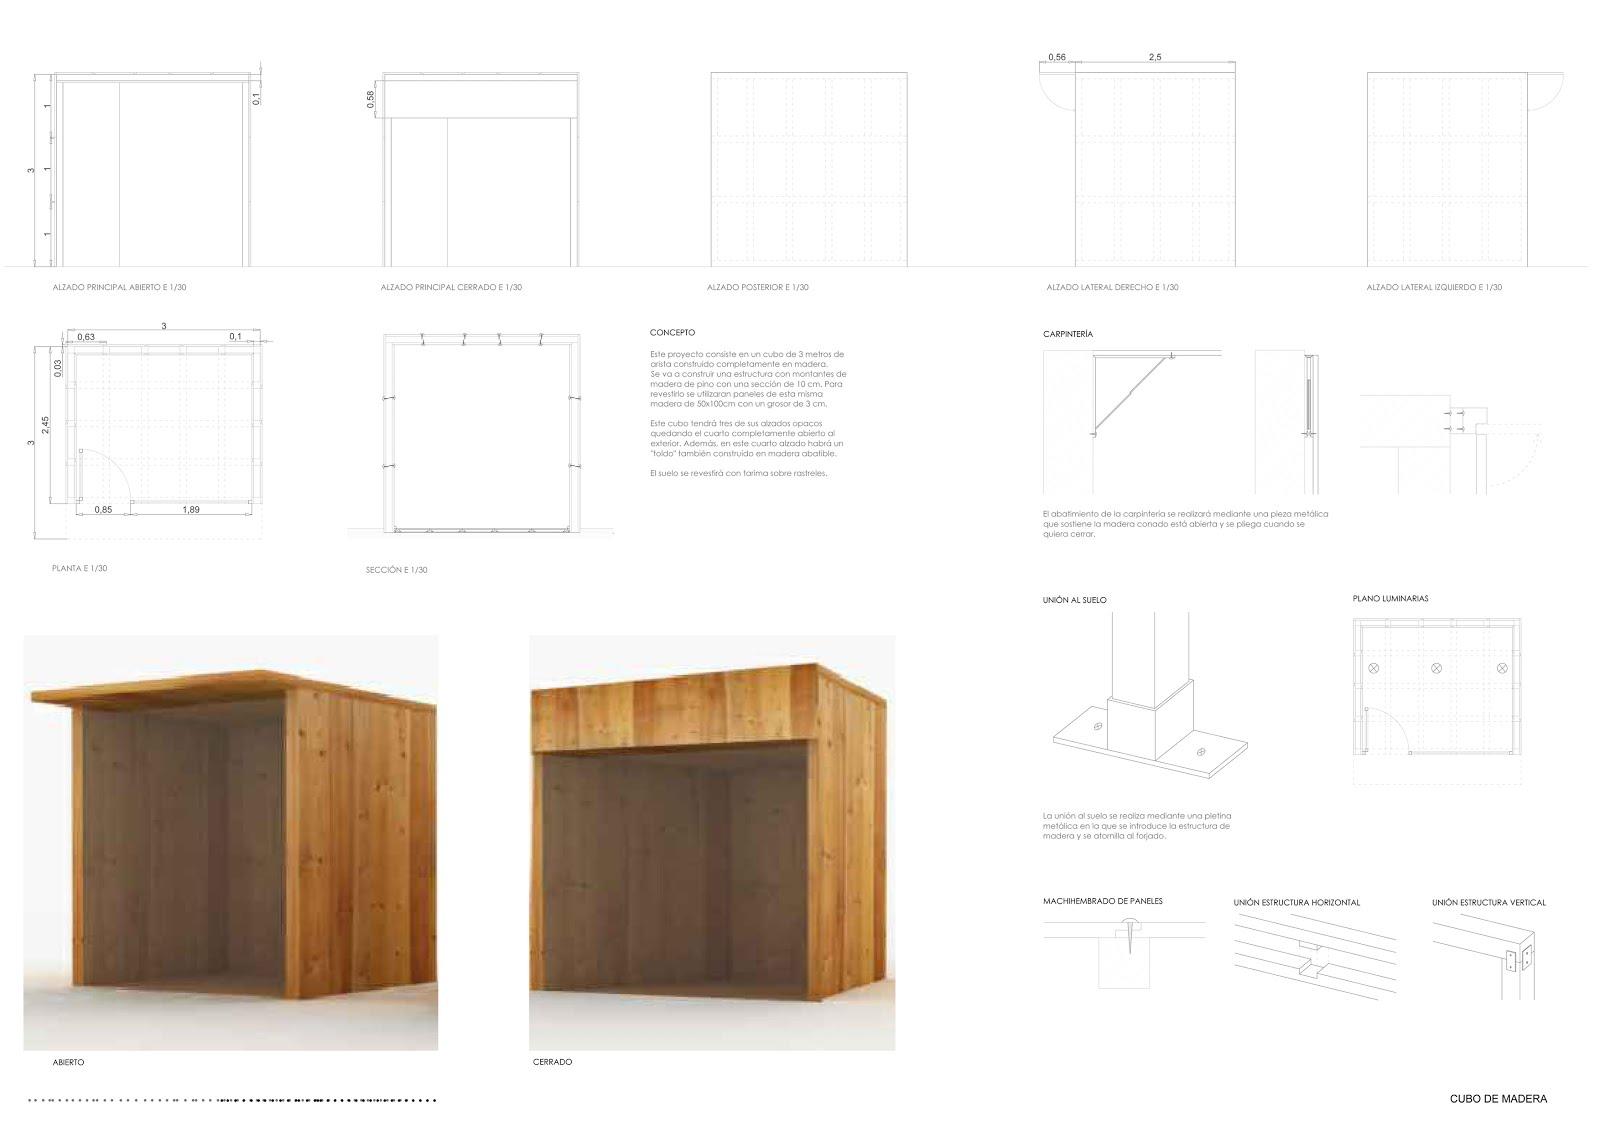 Pin cubos de madera piyancl on pinterest - Cubos de madera ...